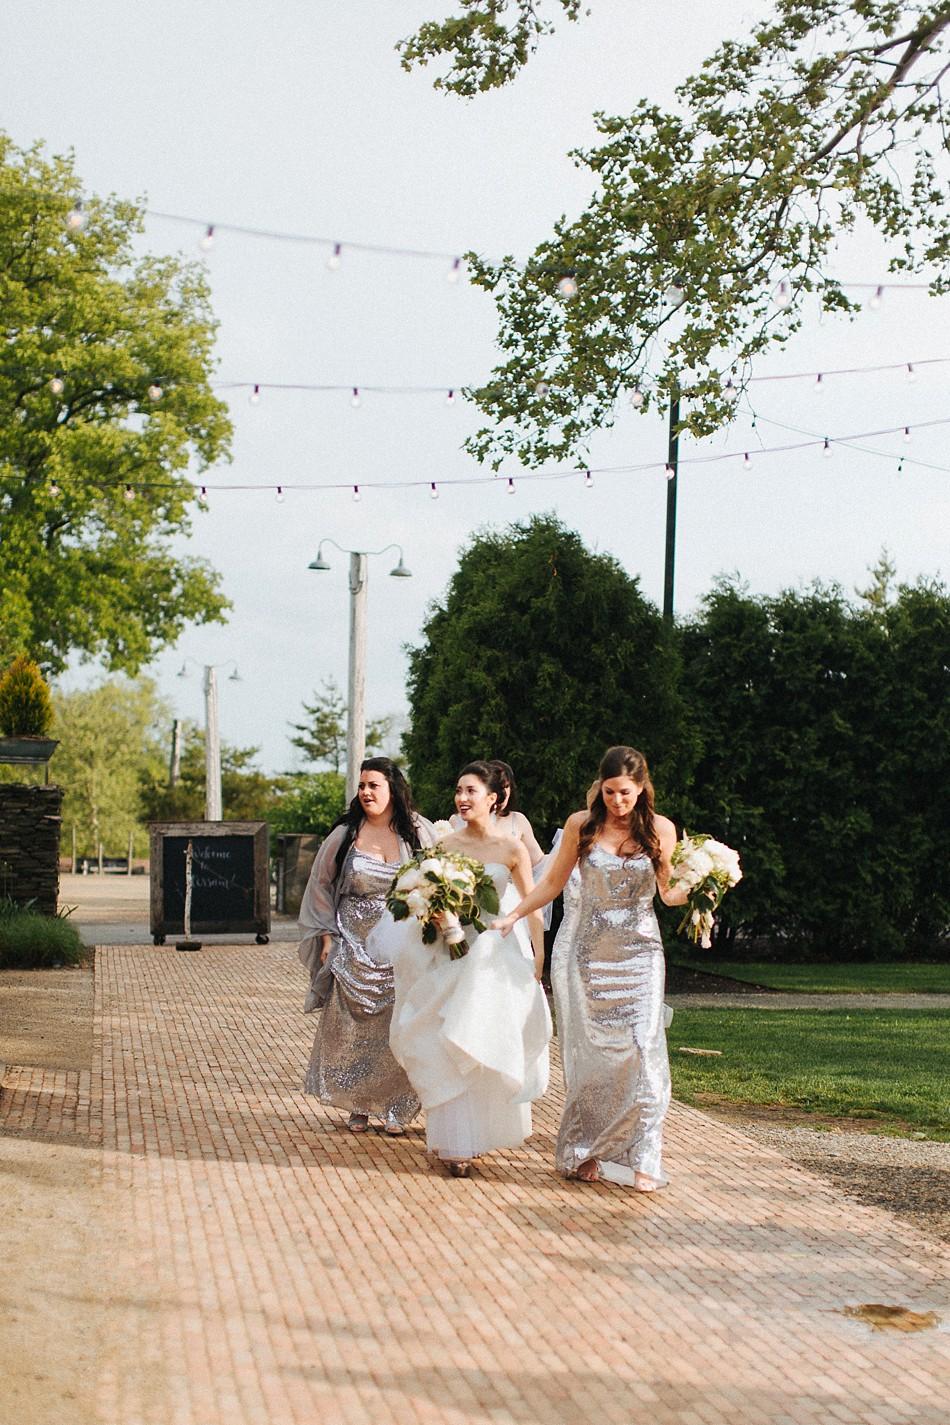 terrain_wedding28.jpg